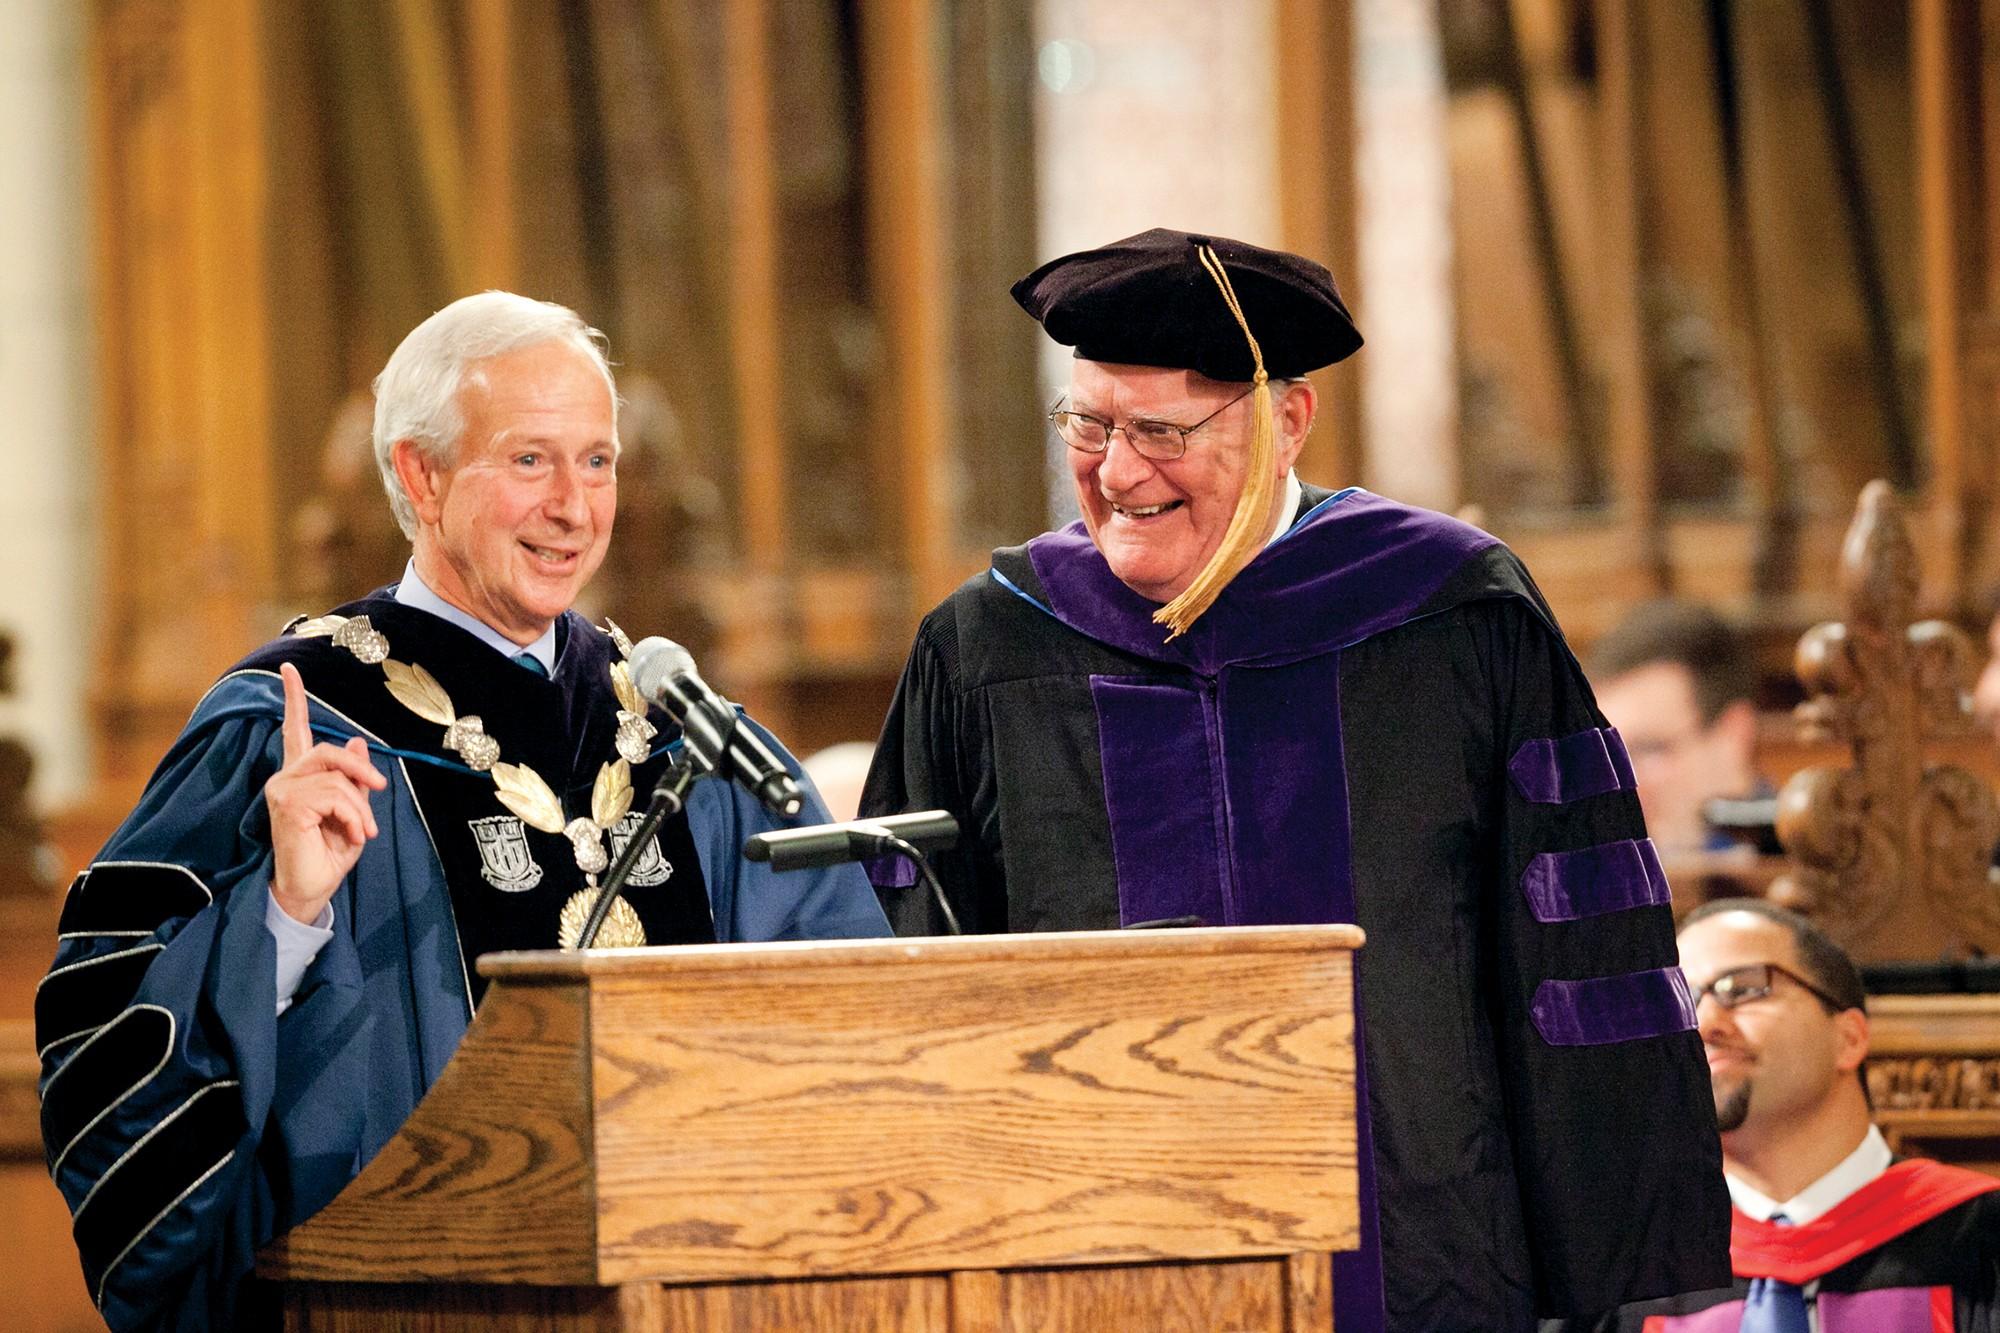 Judge Tjoflat receiving an award at Duke University Chapel